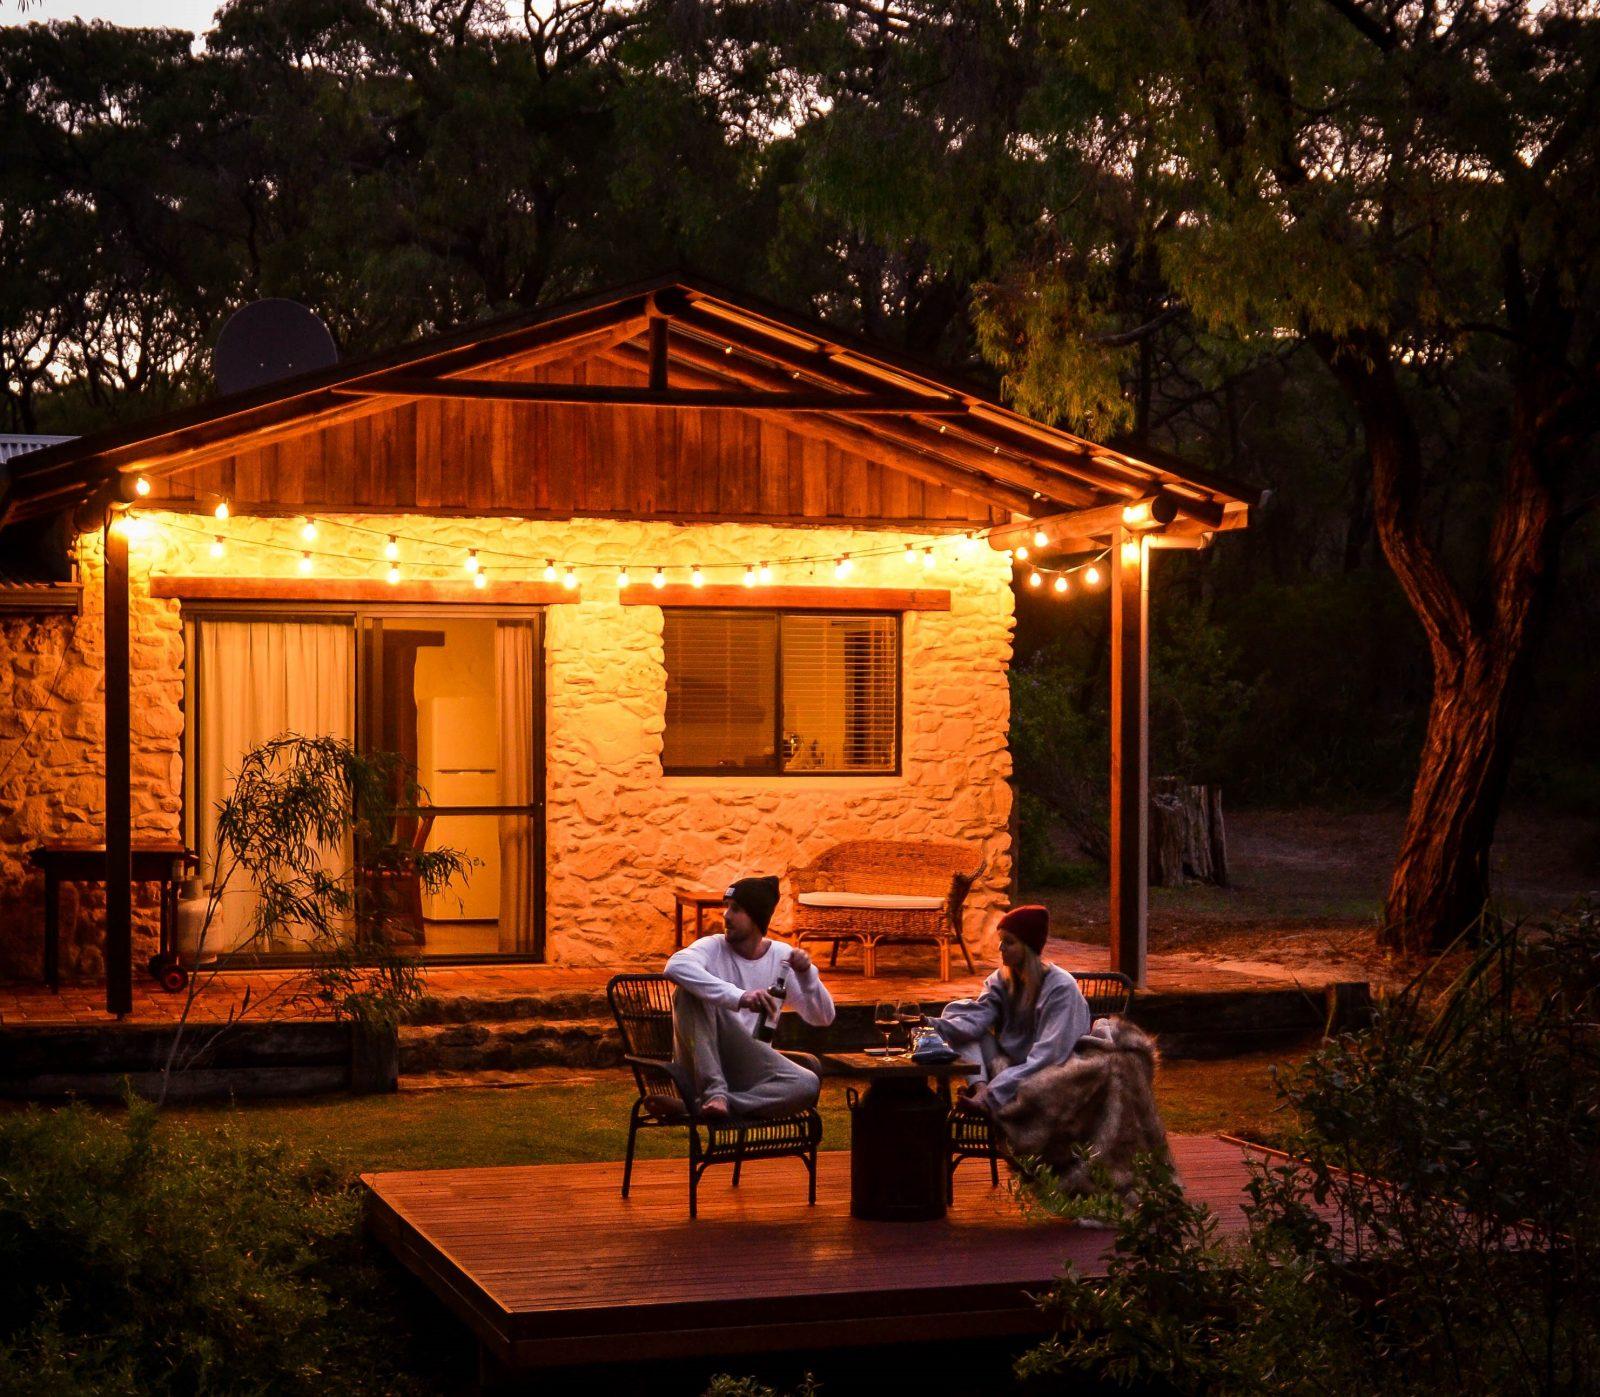 William Bay Cottages, Denmark, Western Australia